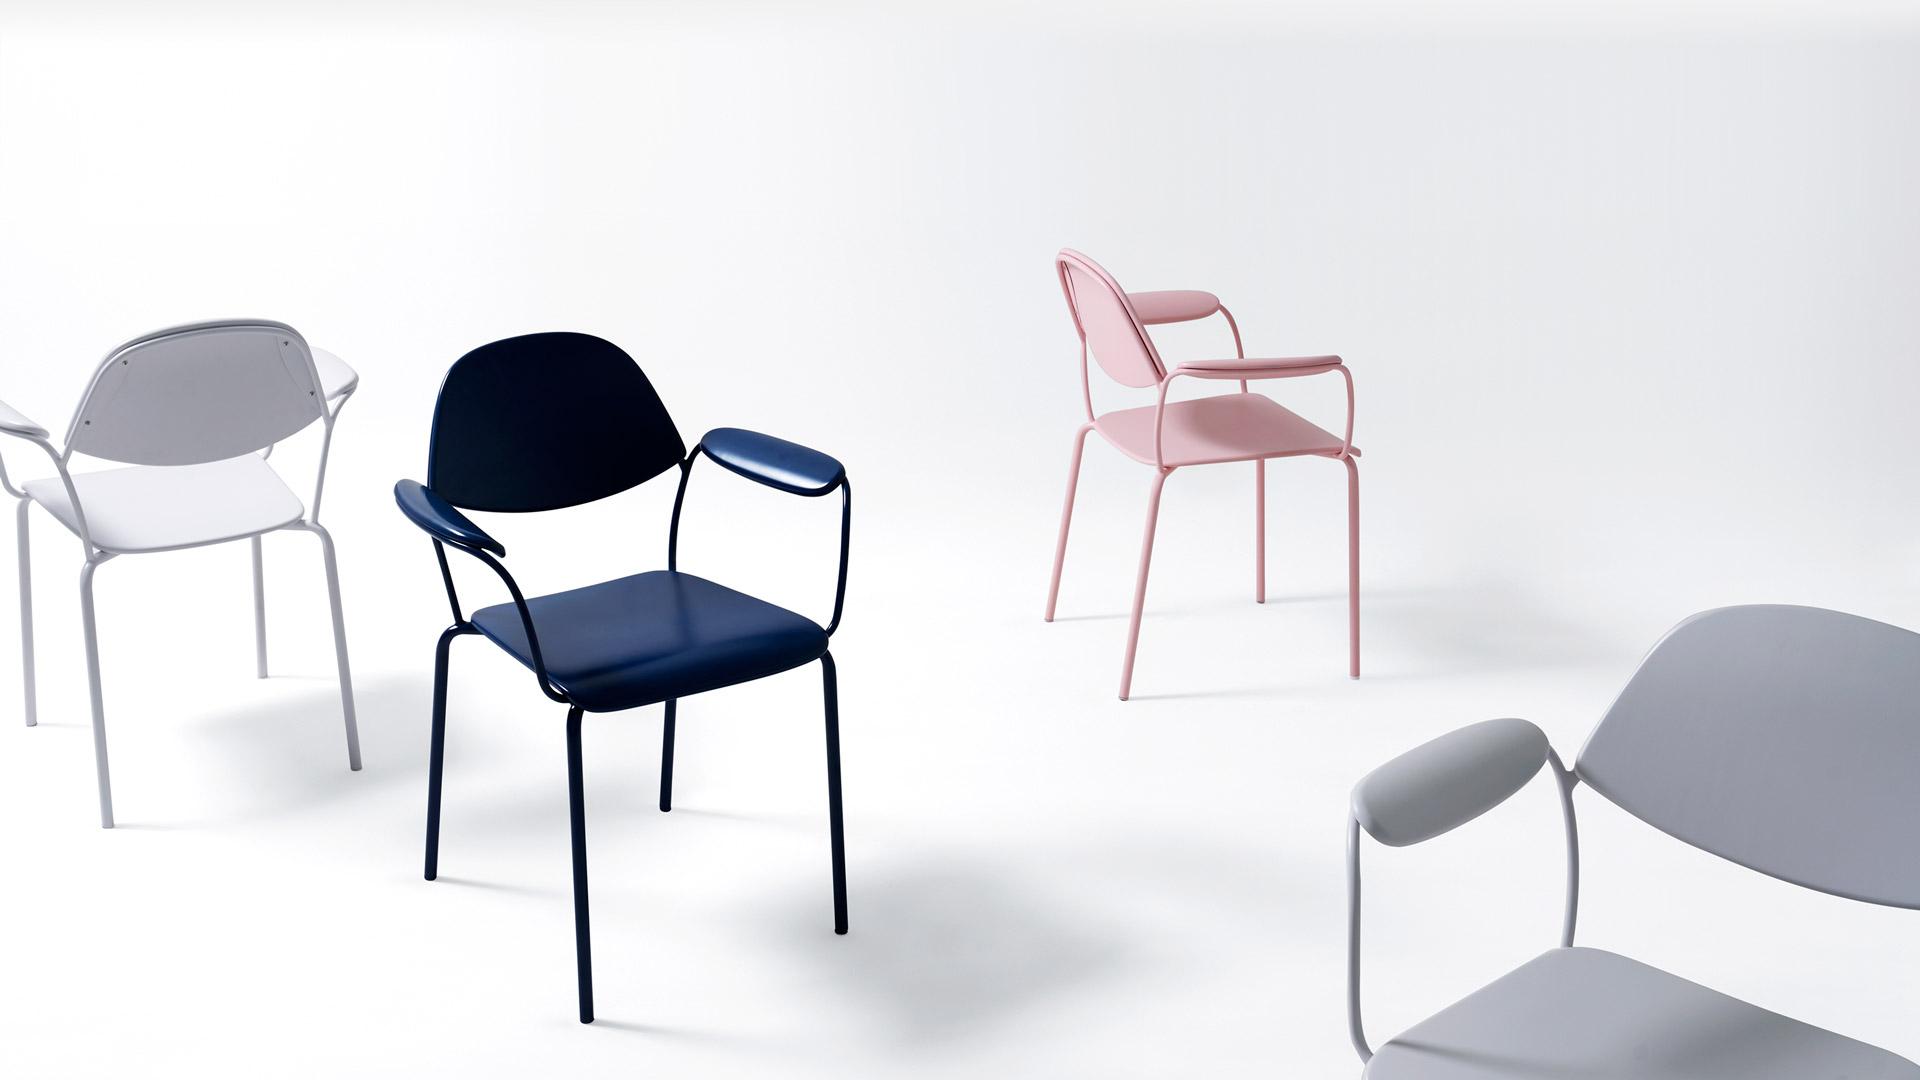 米白、青粉、海蓝,从不同种类的百合中提取最适宜家居环境的三色,理性与感性的巧妙融合,让餐椅、工作椅、单人休闲椅、会议椅……绽放各自的百合生命。?x-oss-process=image/format,jpg/interlace,1